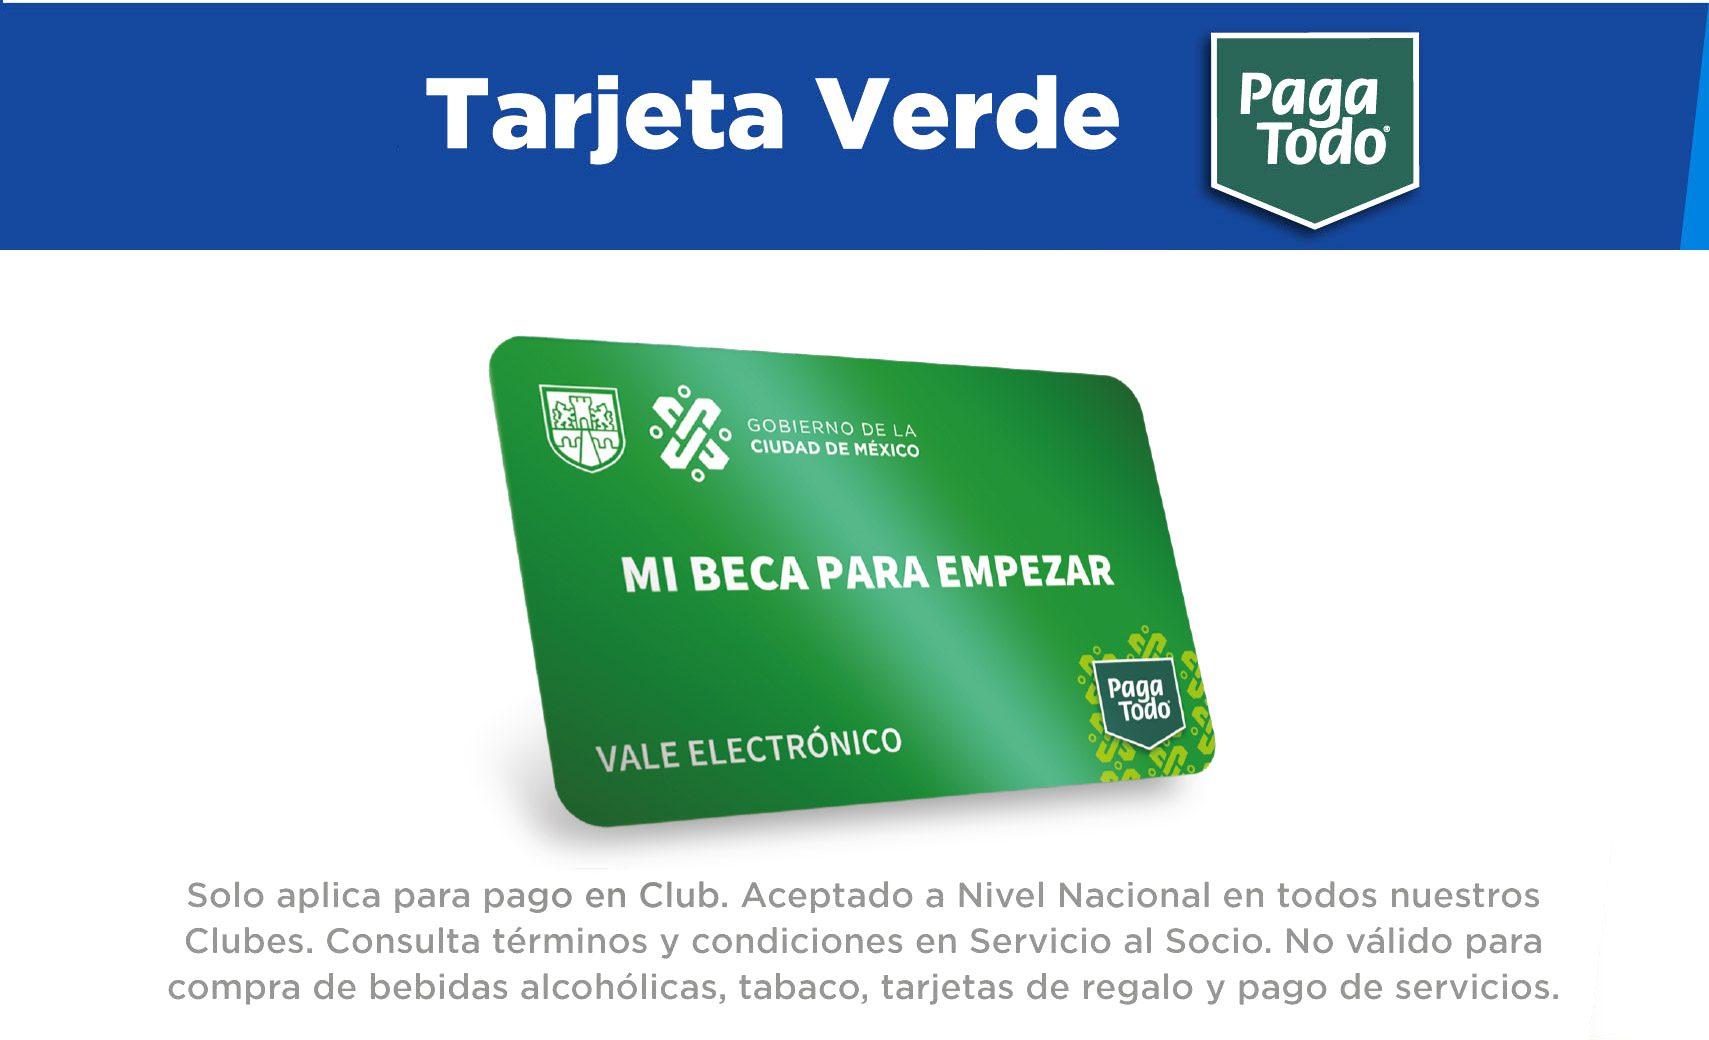 La Tarjeta Verde